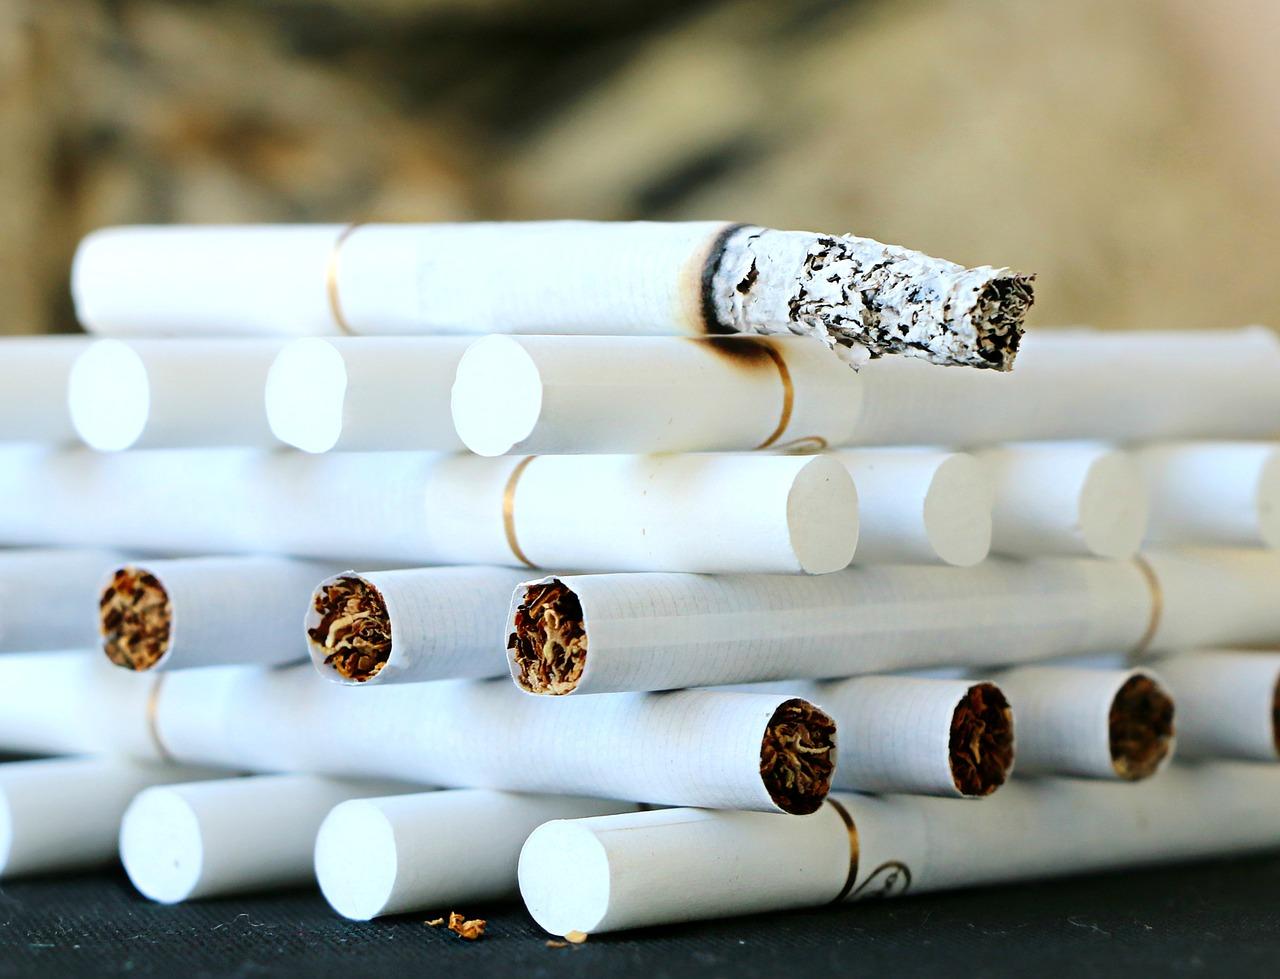 Deux fois plus de décès dus au tabac chez les femmes en 15 ans